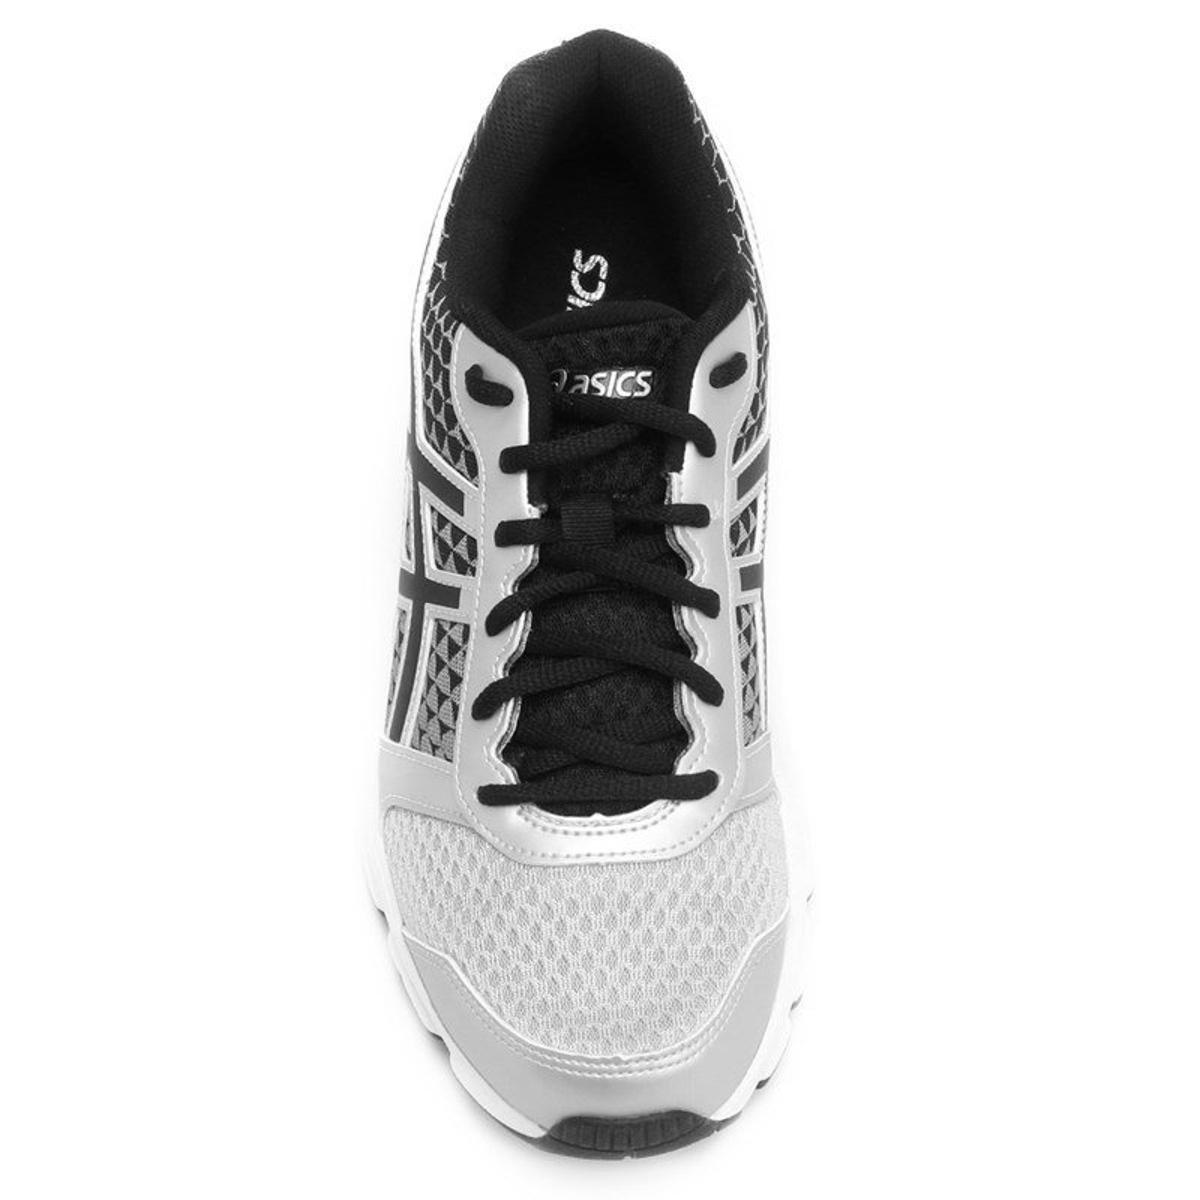 Tênis Asics Patriot 8 Masculino - Prata e Branco - Compre Agora ... 14bed20f9f124